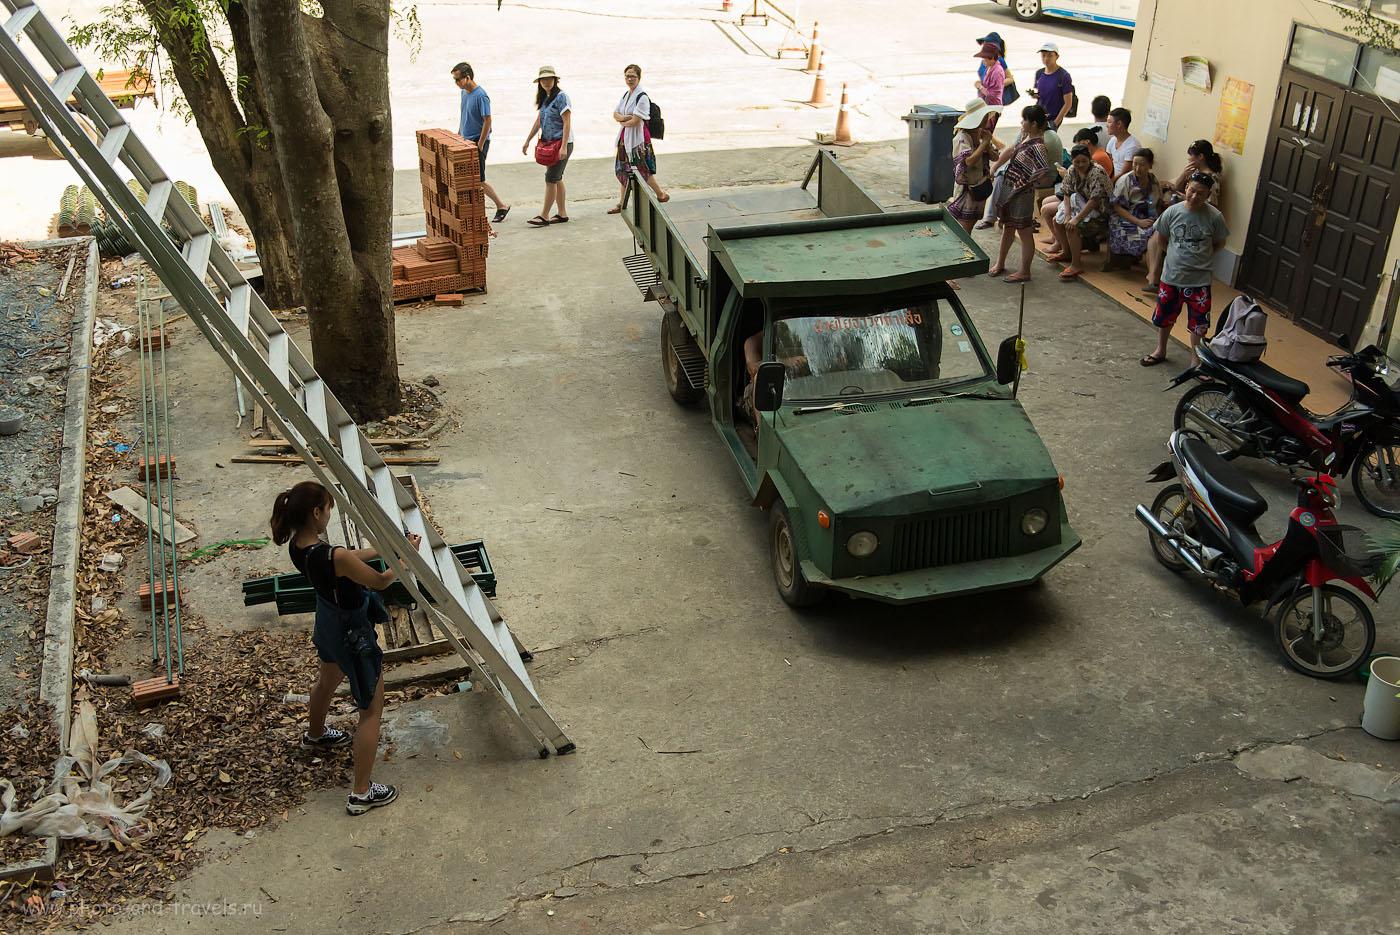 Фото 6. Поездка в Tiger Cave Temple в Краби. Отзывы об отдыхе в Таиланде самостоятельно. Драндулет и японка (2000, 35, 2.8, 1/4000)